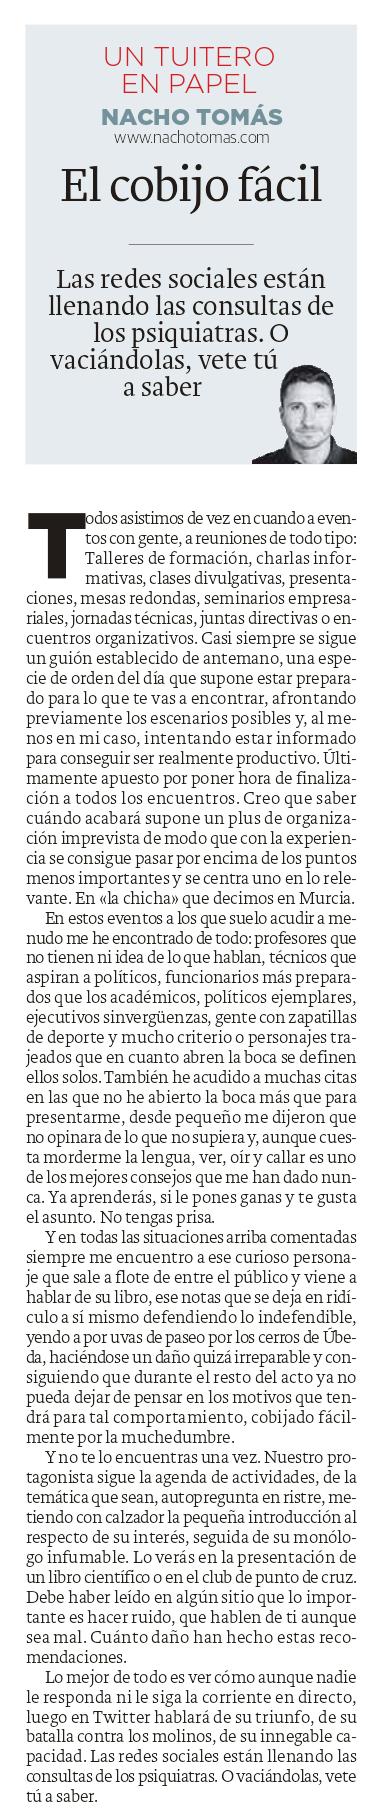 07.09.16 El cobijo fácil - Nacho Tomás - Un tuitero en papel - La Verdad de Murcia